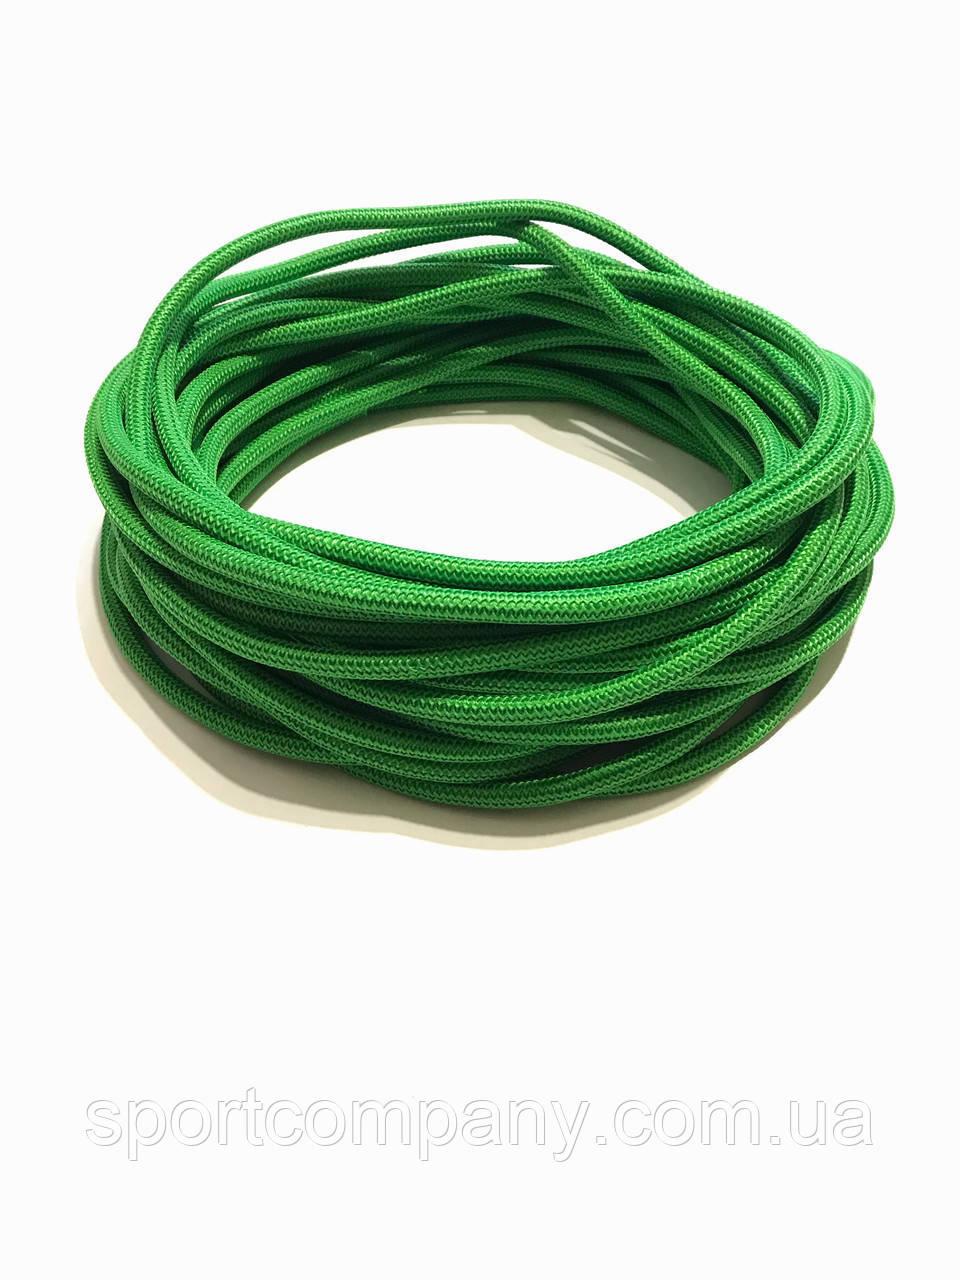 Жгут спортивный резиновый в тканевой оплетке ( резина, d-10 мм, I-900 см, зелёный  ) rez.zhyt10green